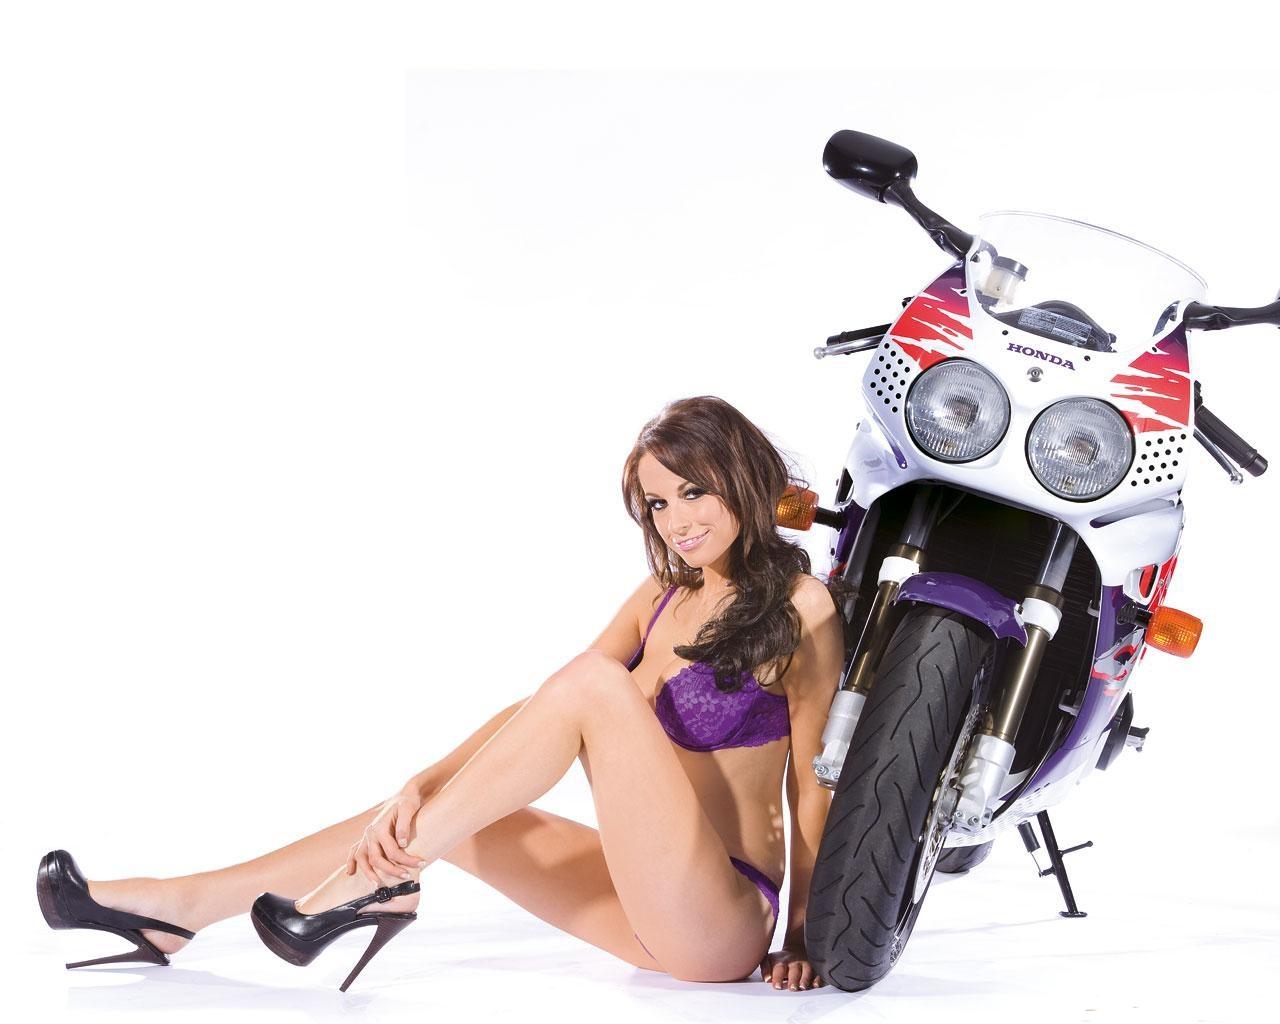 honda Cbr 900 Rr fireblade sexy girl lingerie